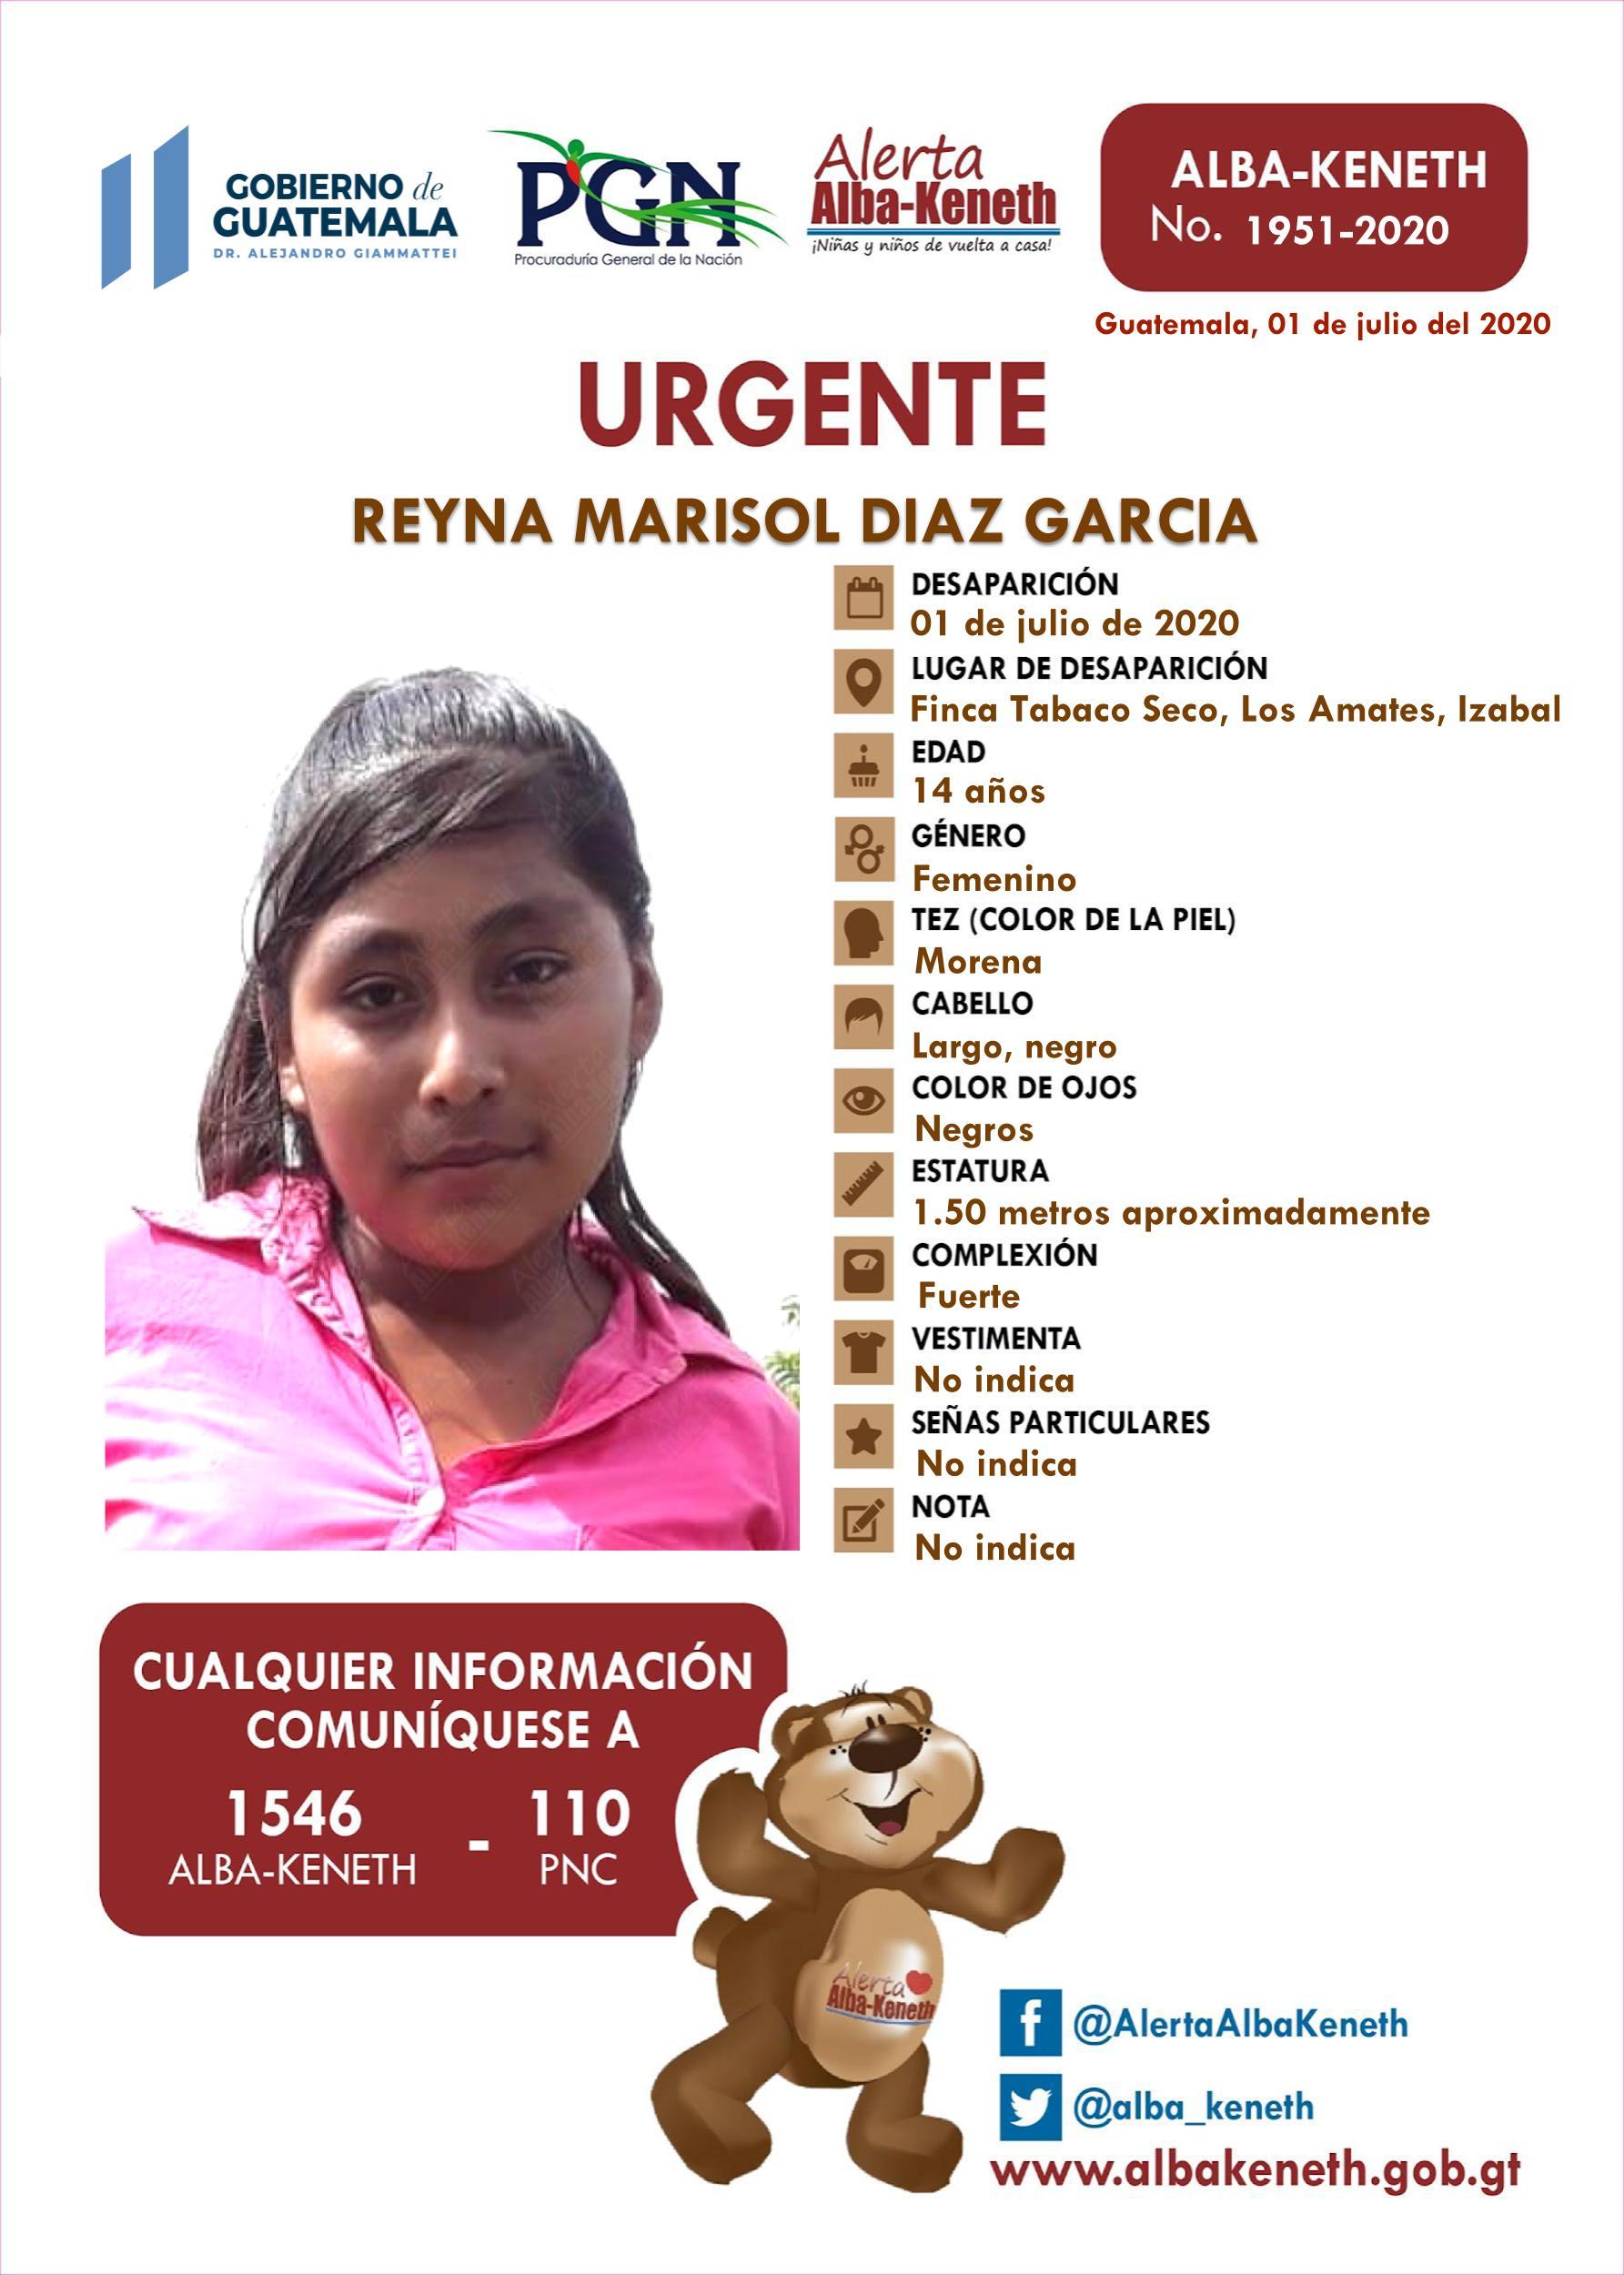 Reyna Marisol Diaz Garcia